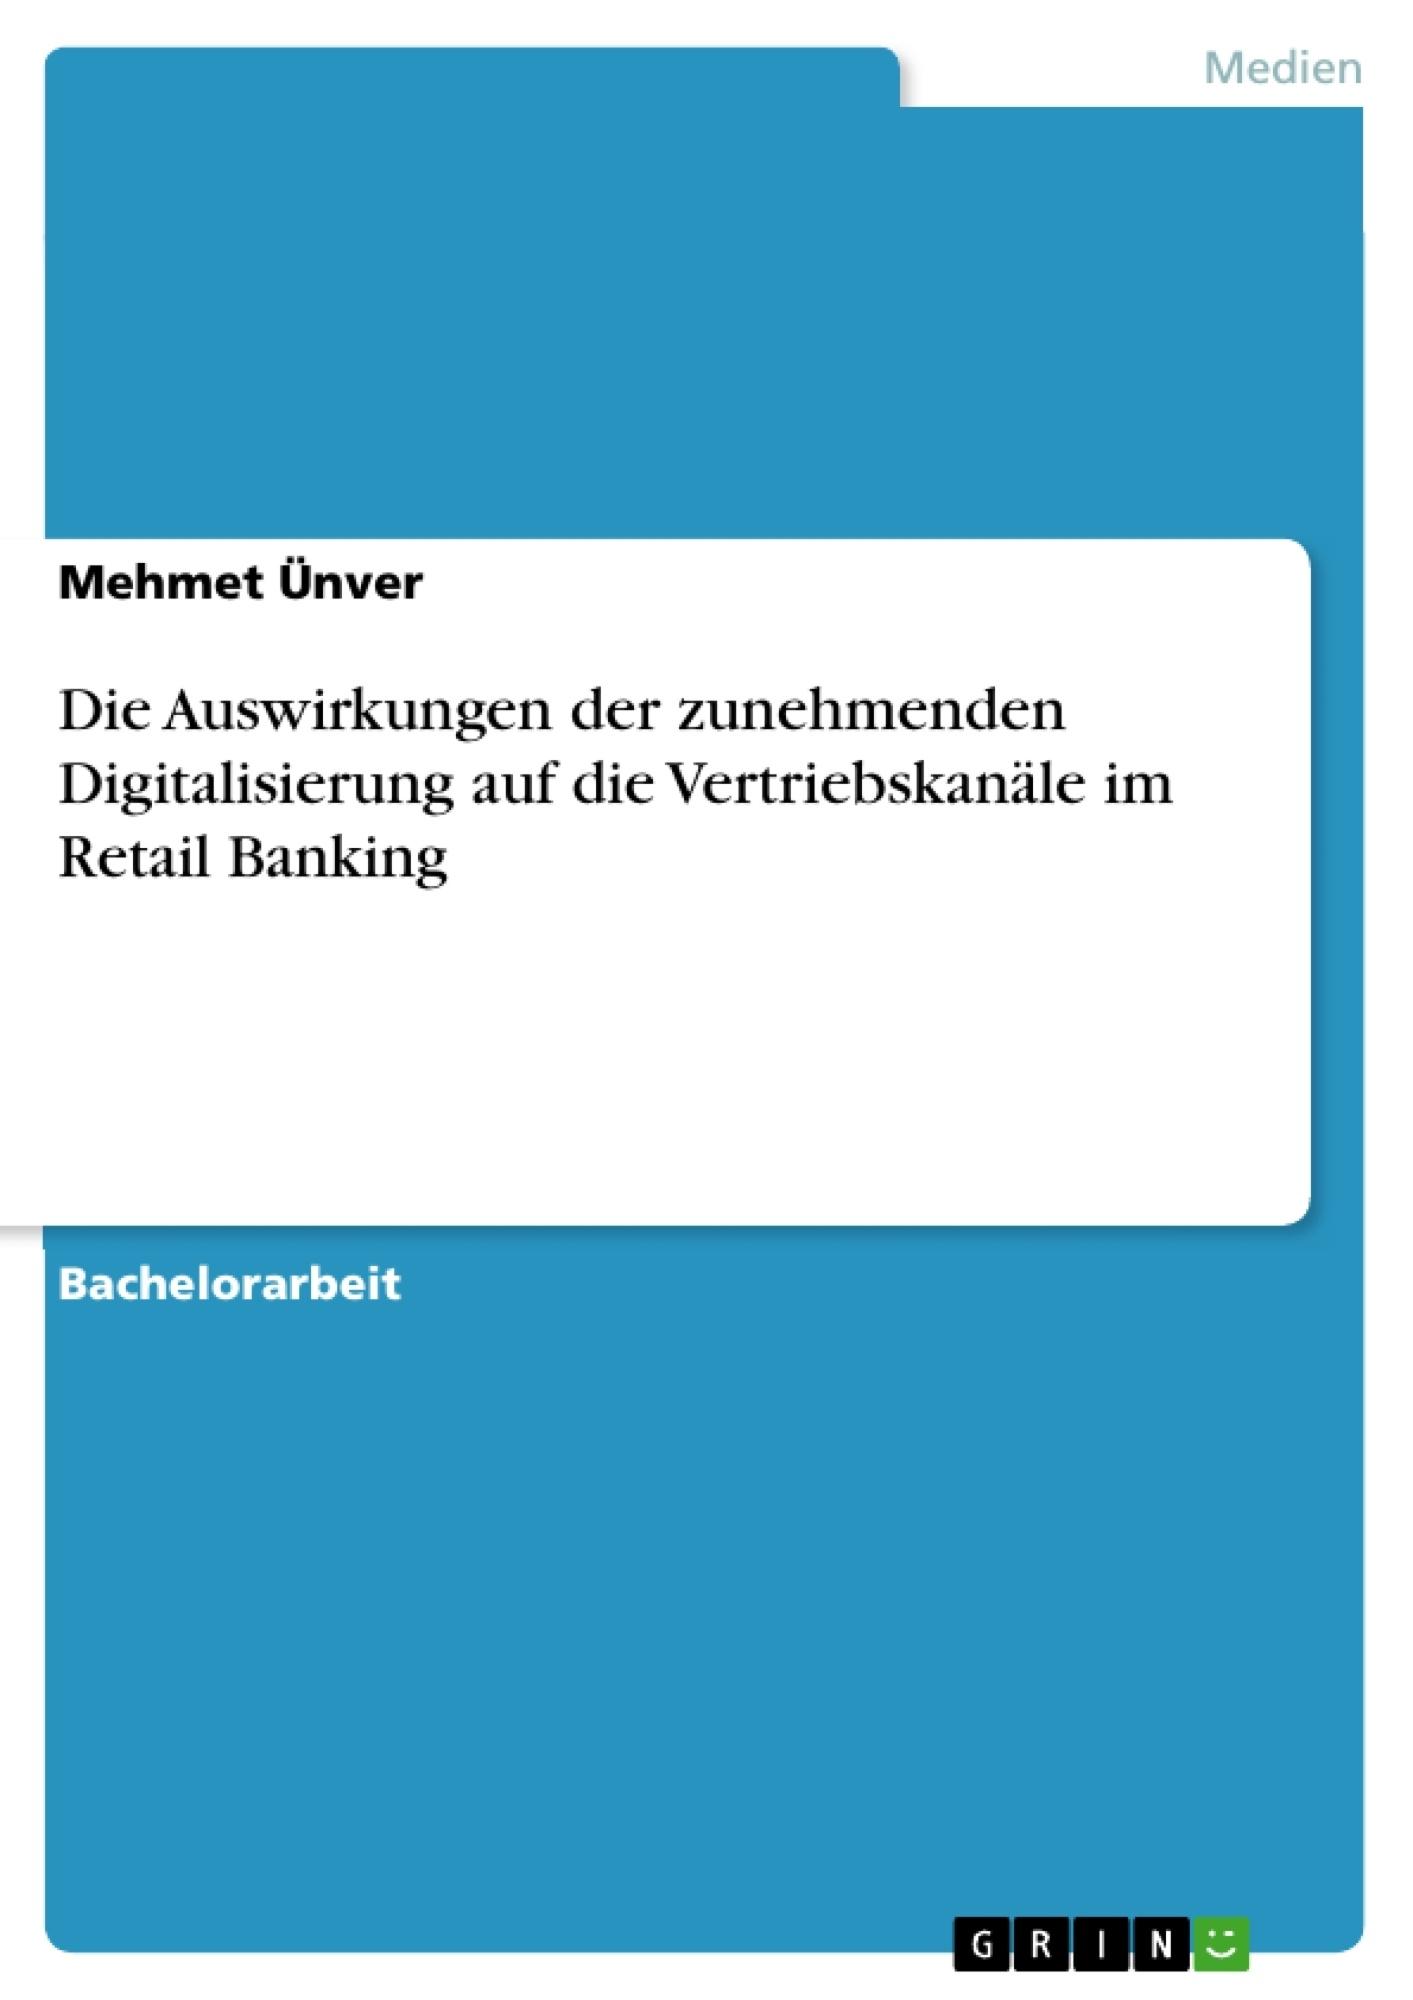 Titel: Die Auswirkungen der zunehmenden Digitalisierung auf die Vertriebskanäle im Retail Banking